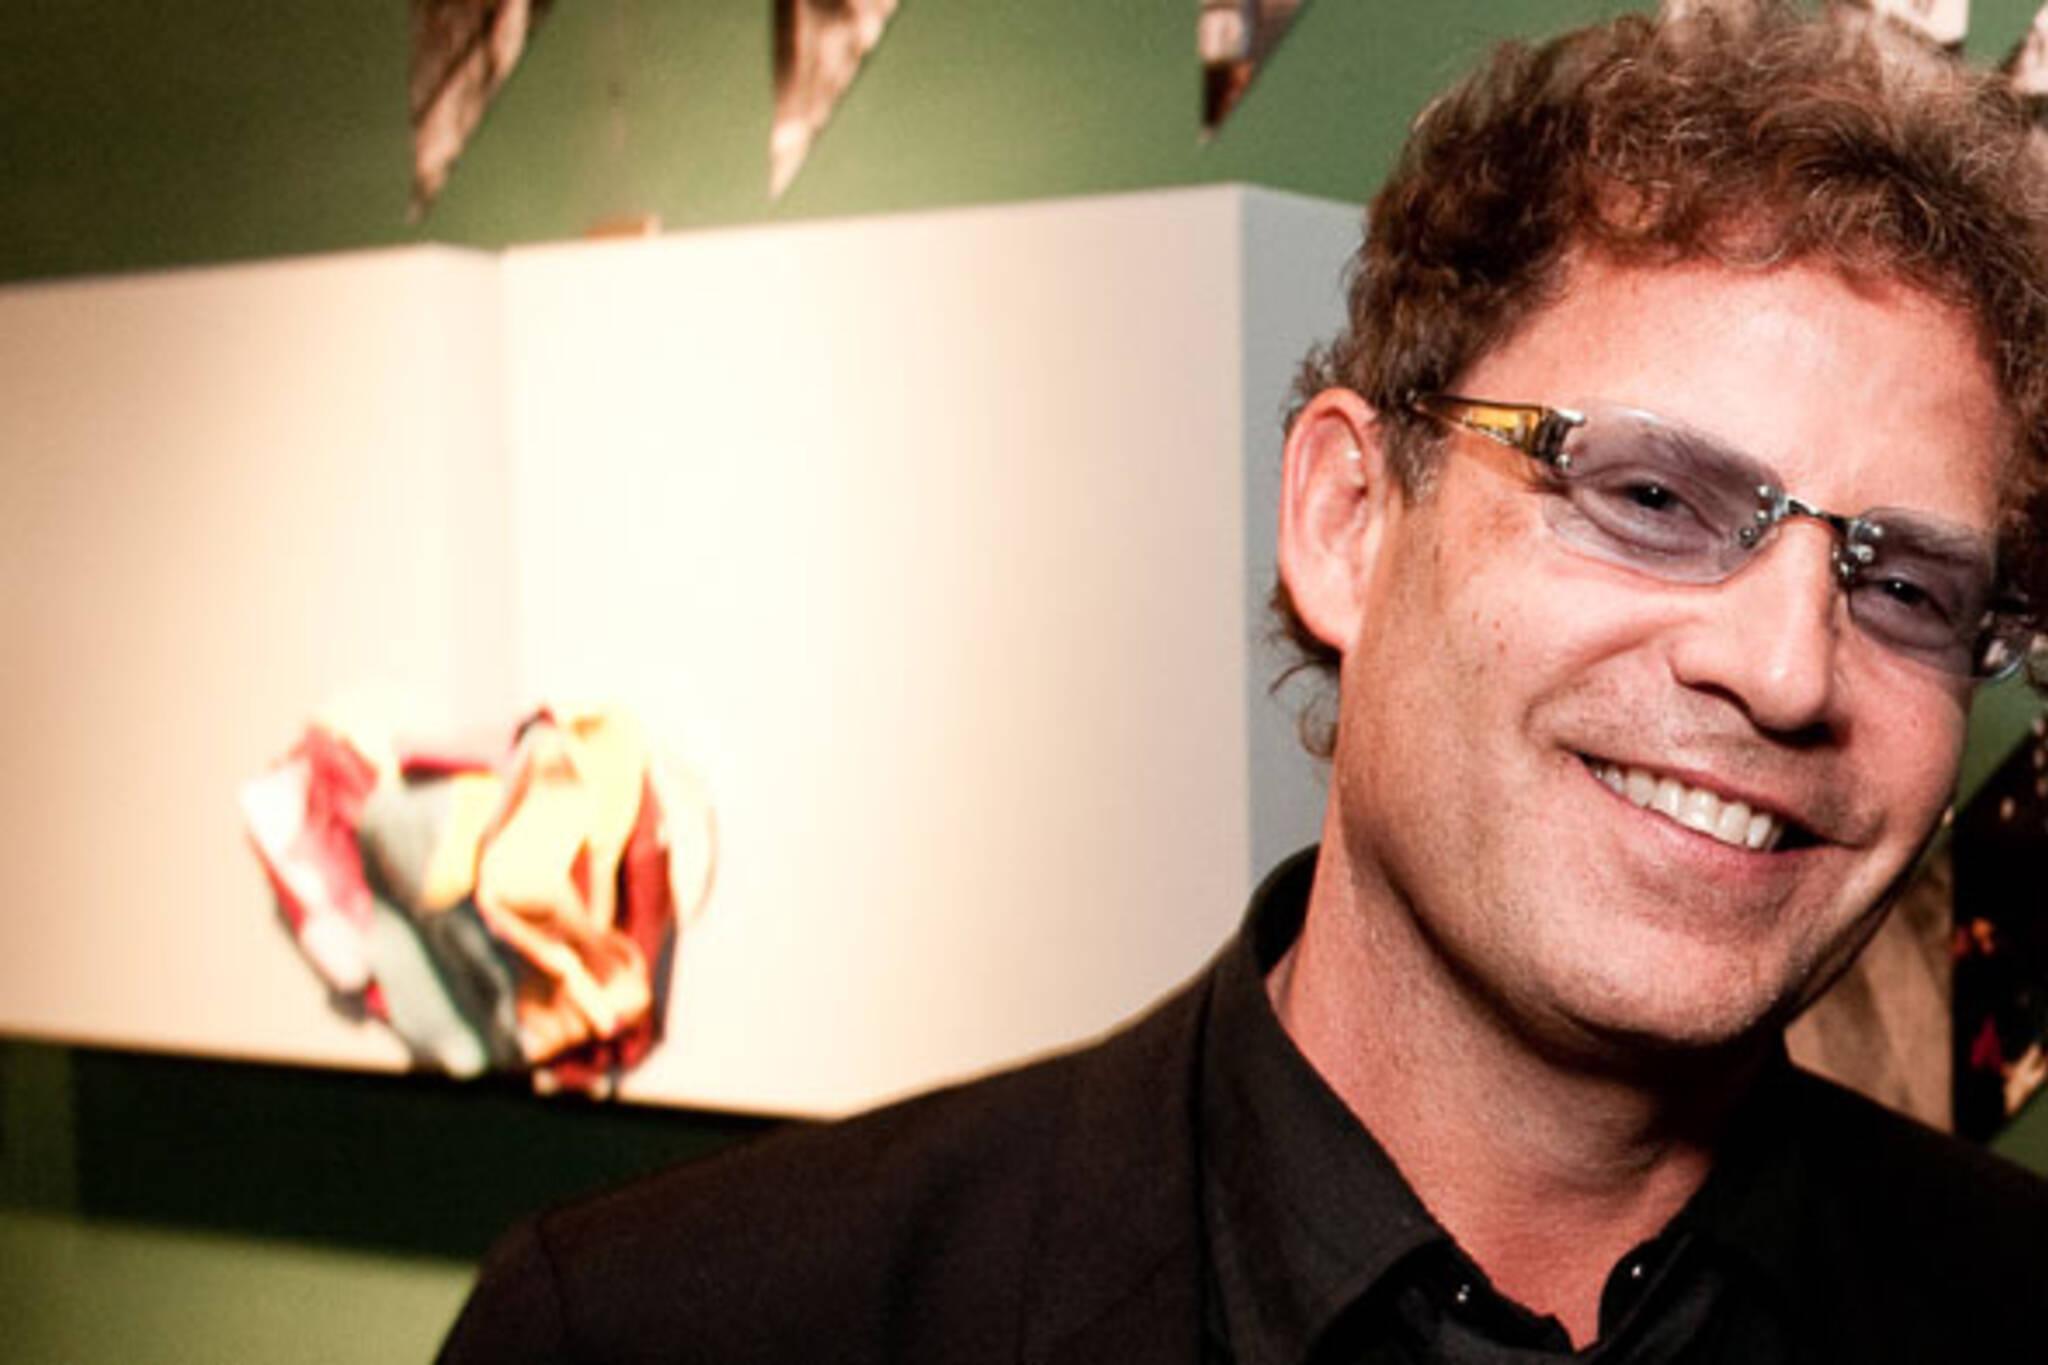 Jeff Stober